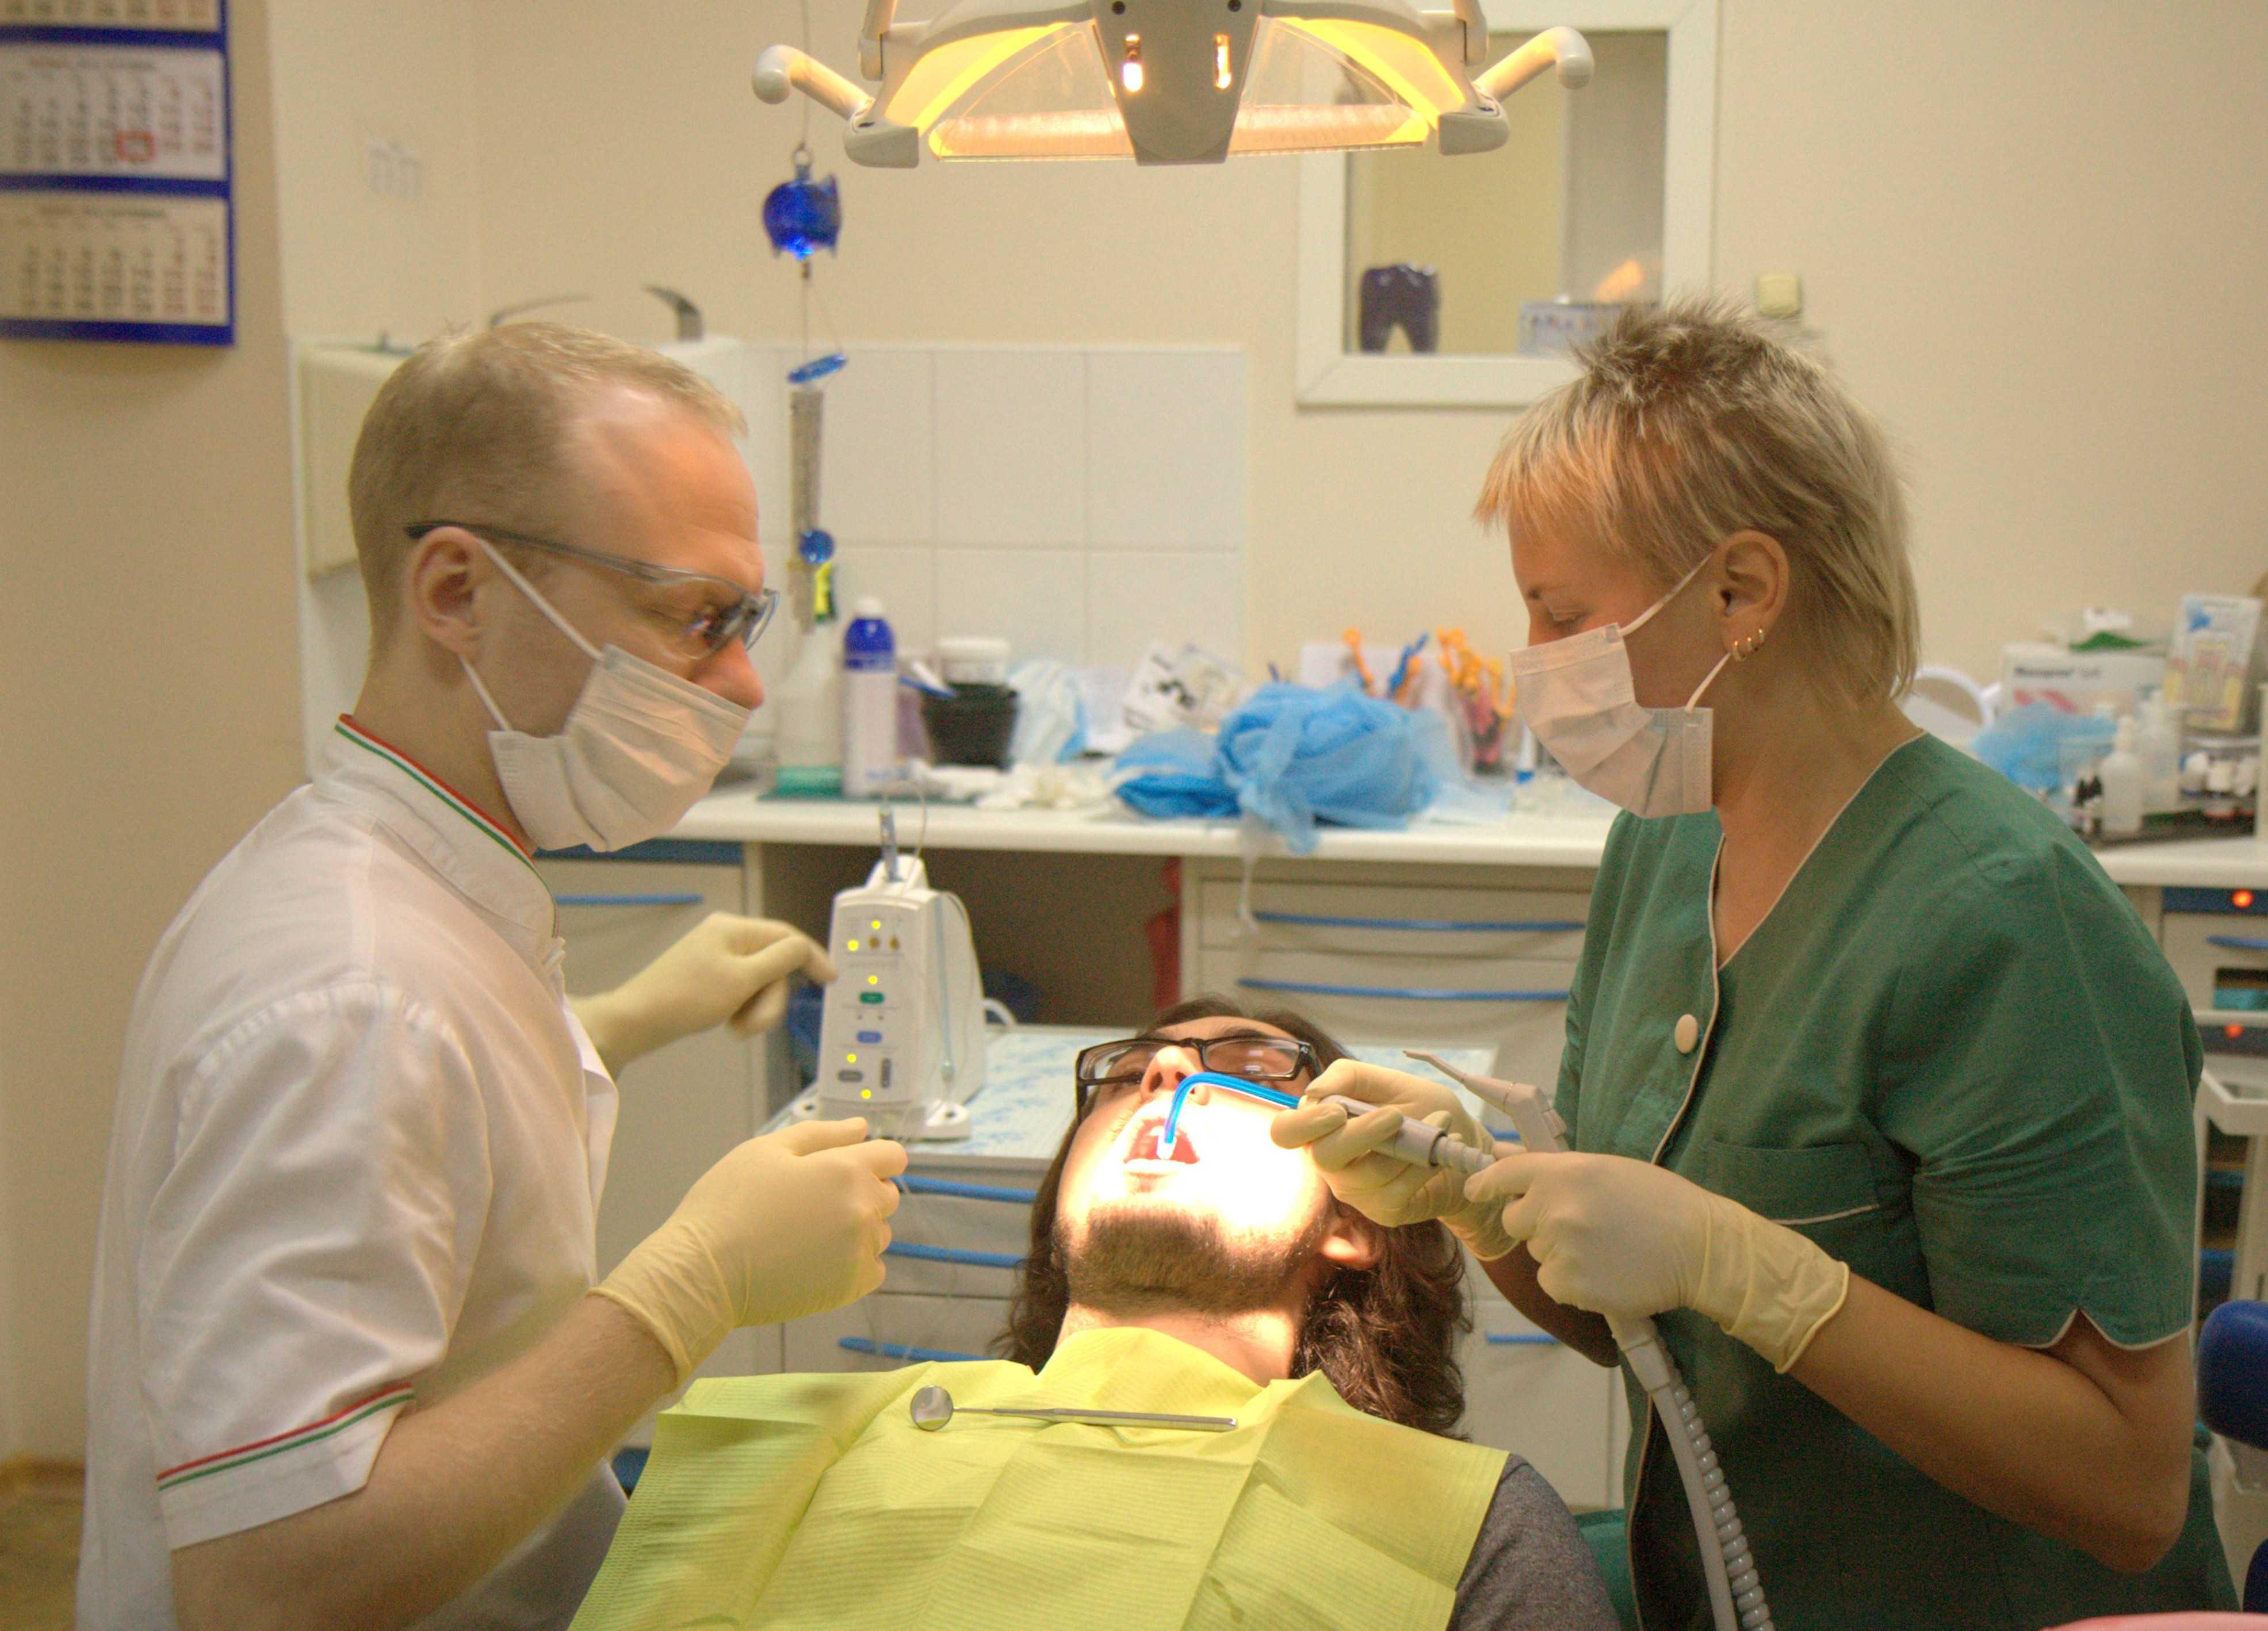 Пациент в кресле во время имплантации